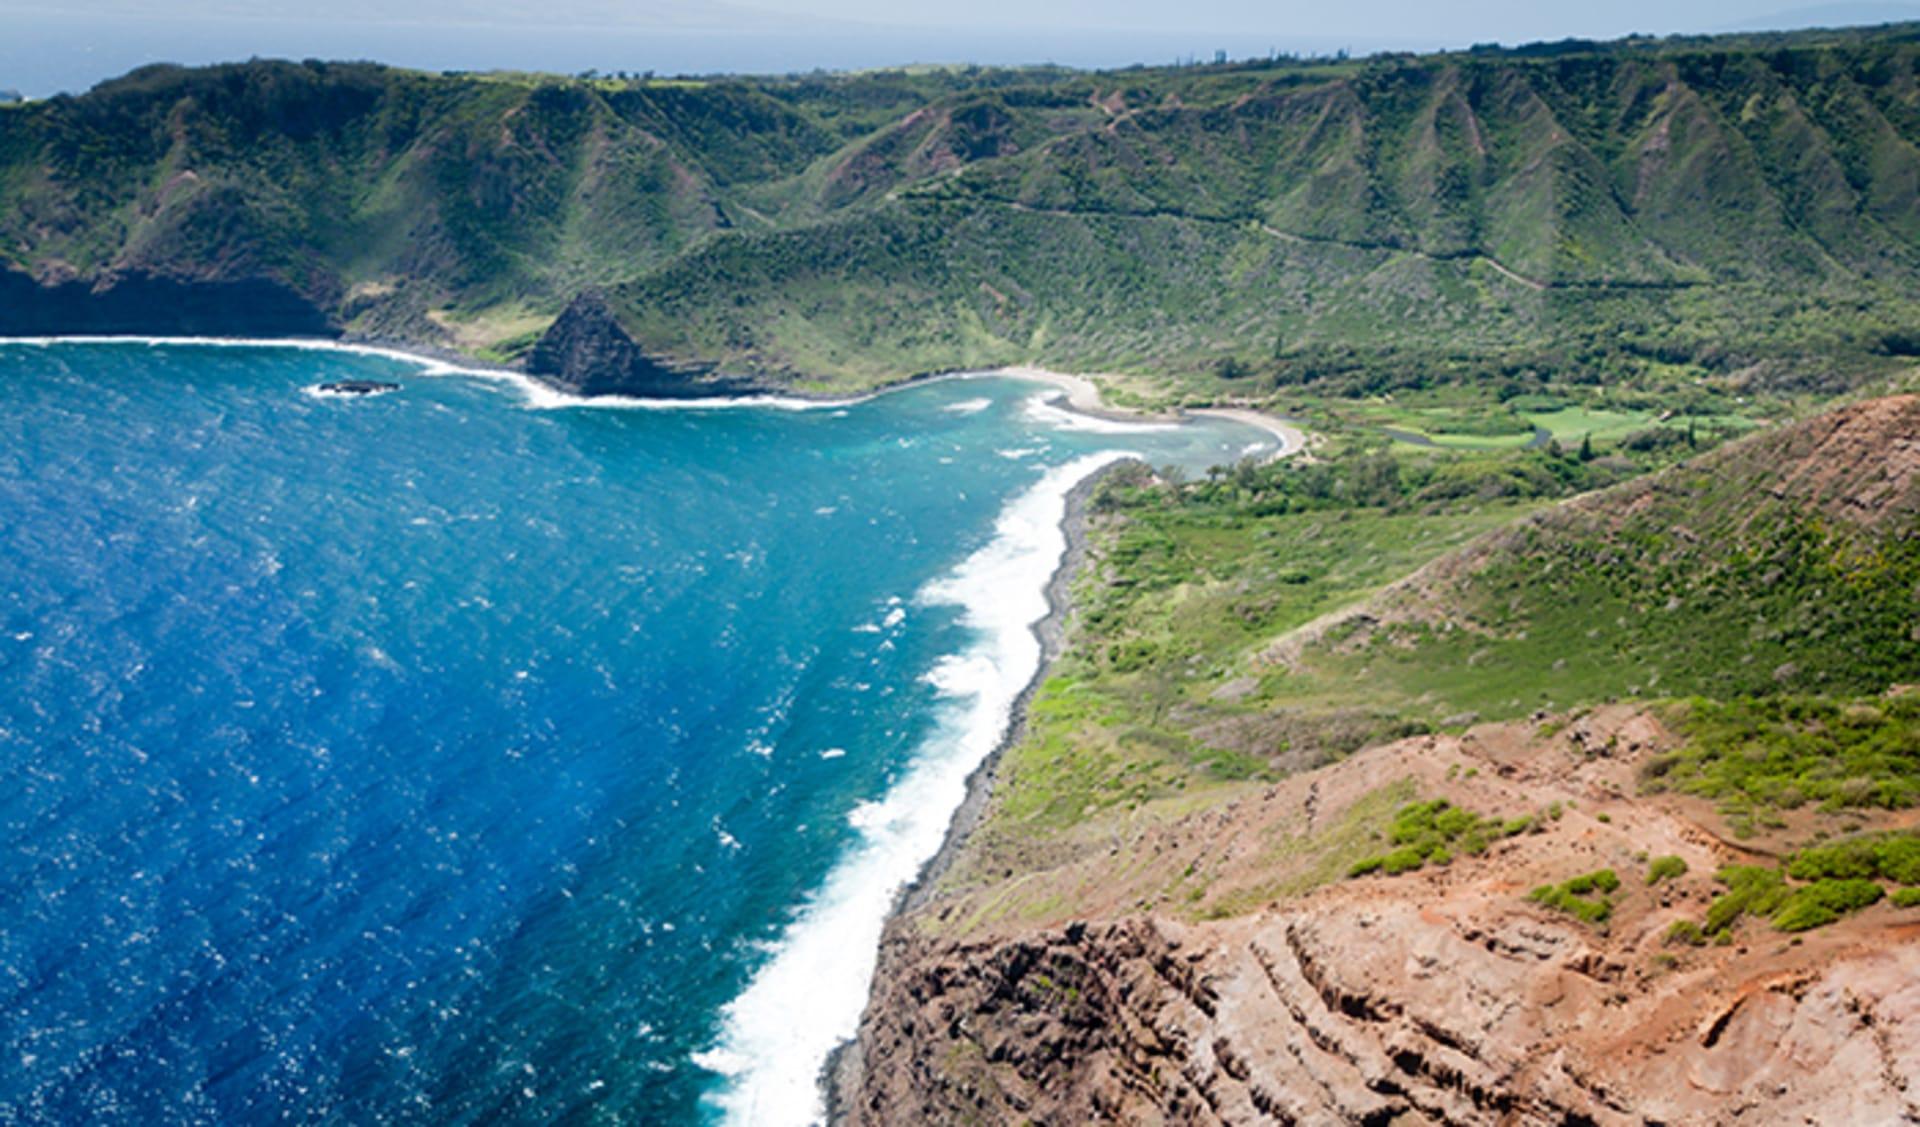 Molokai, Hawaii, USA